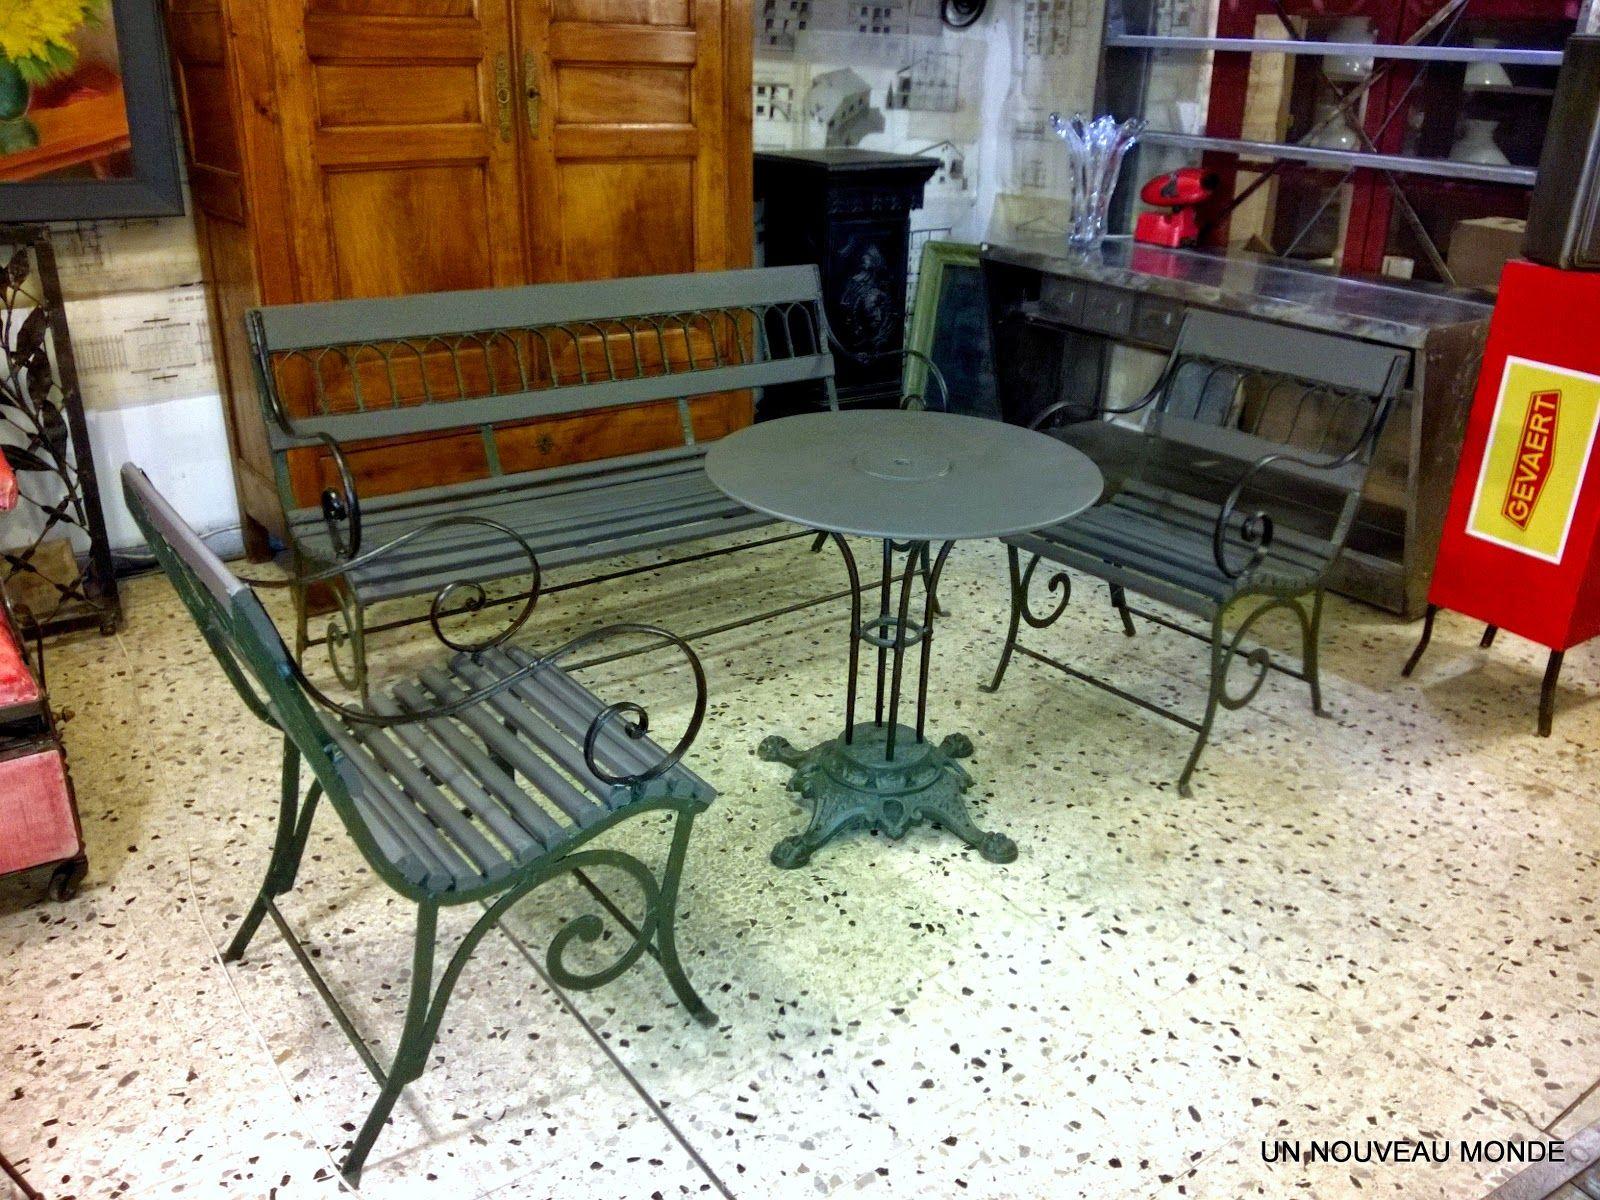 Brocante Décoration Un Nouveau Monde: Salon De Jardin ... encequiconcerne Mobilier De Jardin Fer Forgé Ancien